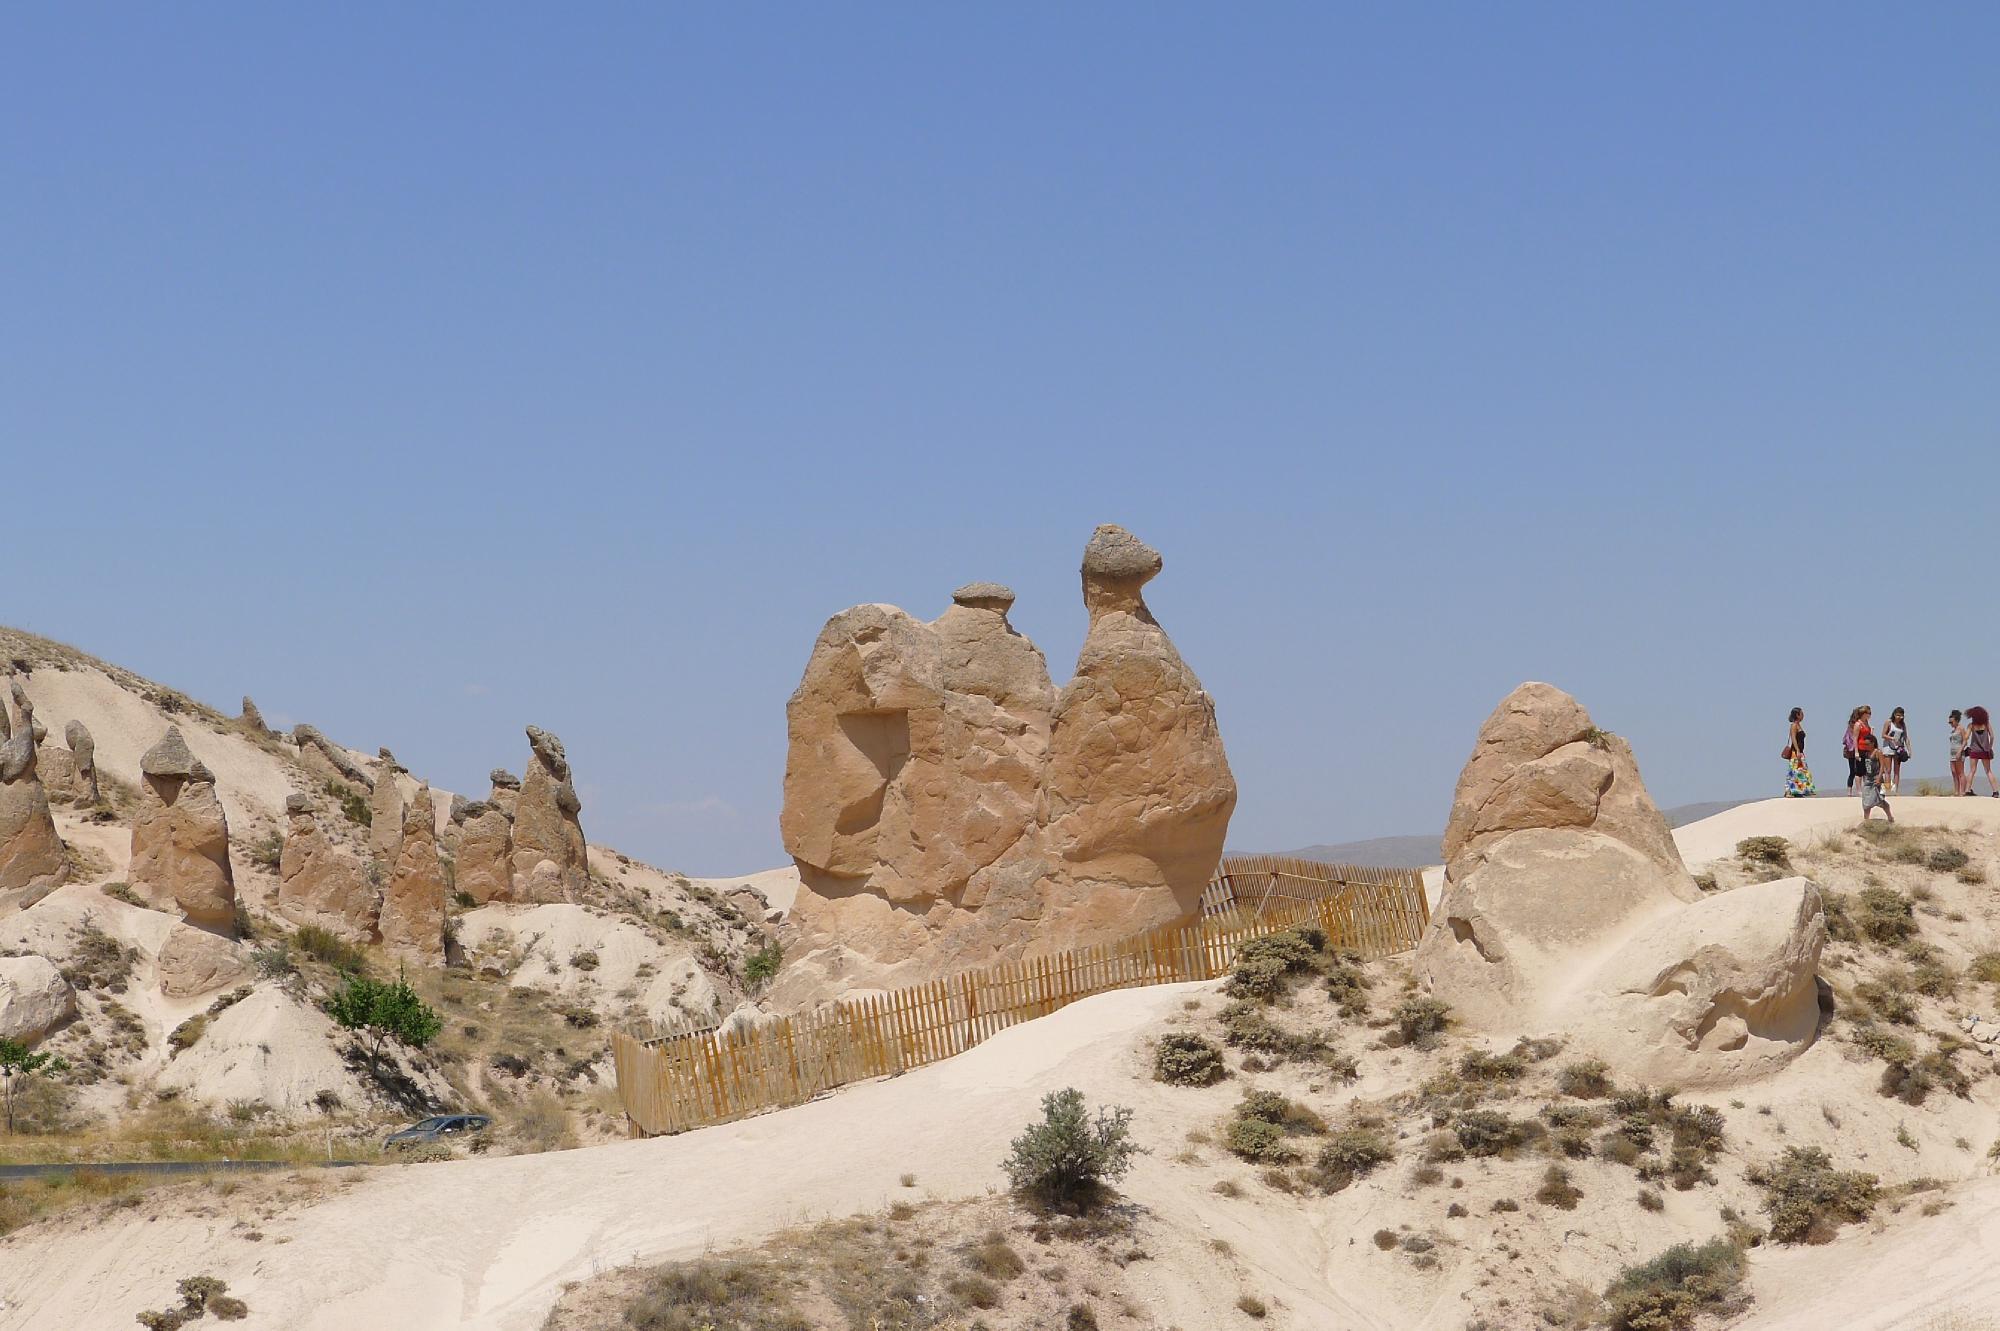 Национальный парк Гереме в Каппадокии. Марсианские пейзажи, не имеющие аналогов в мире